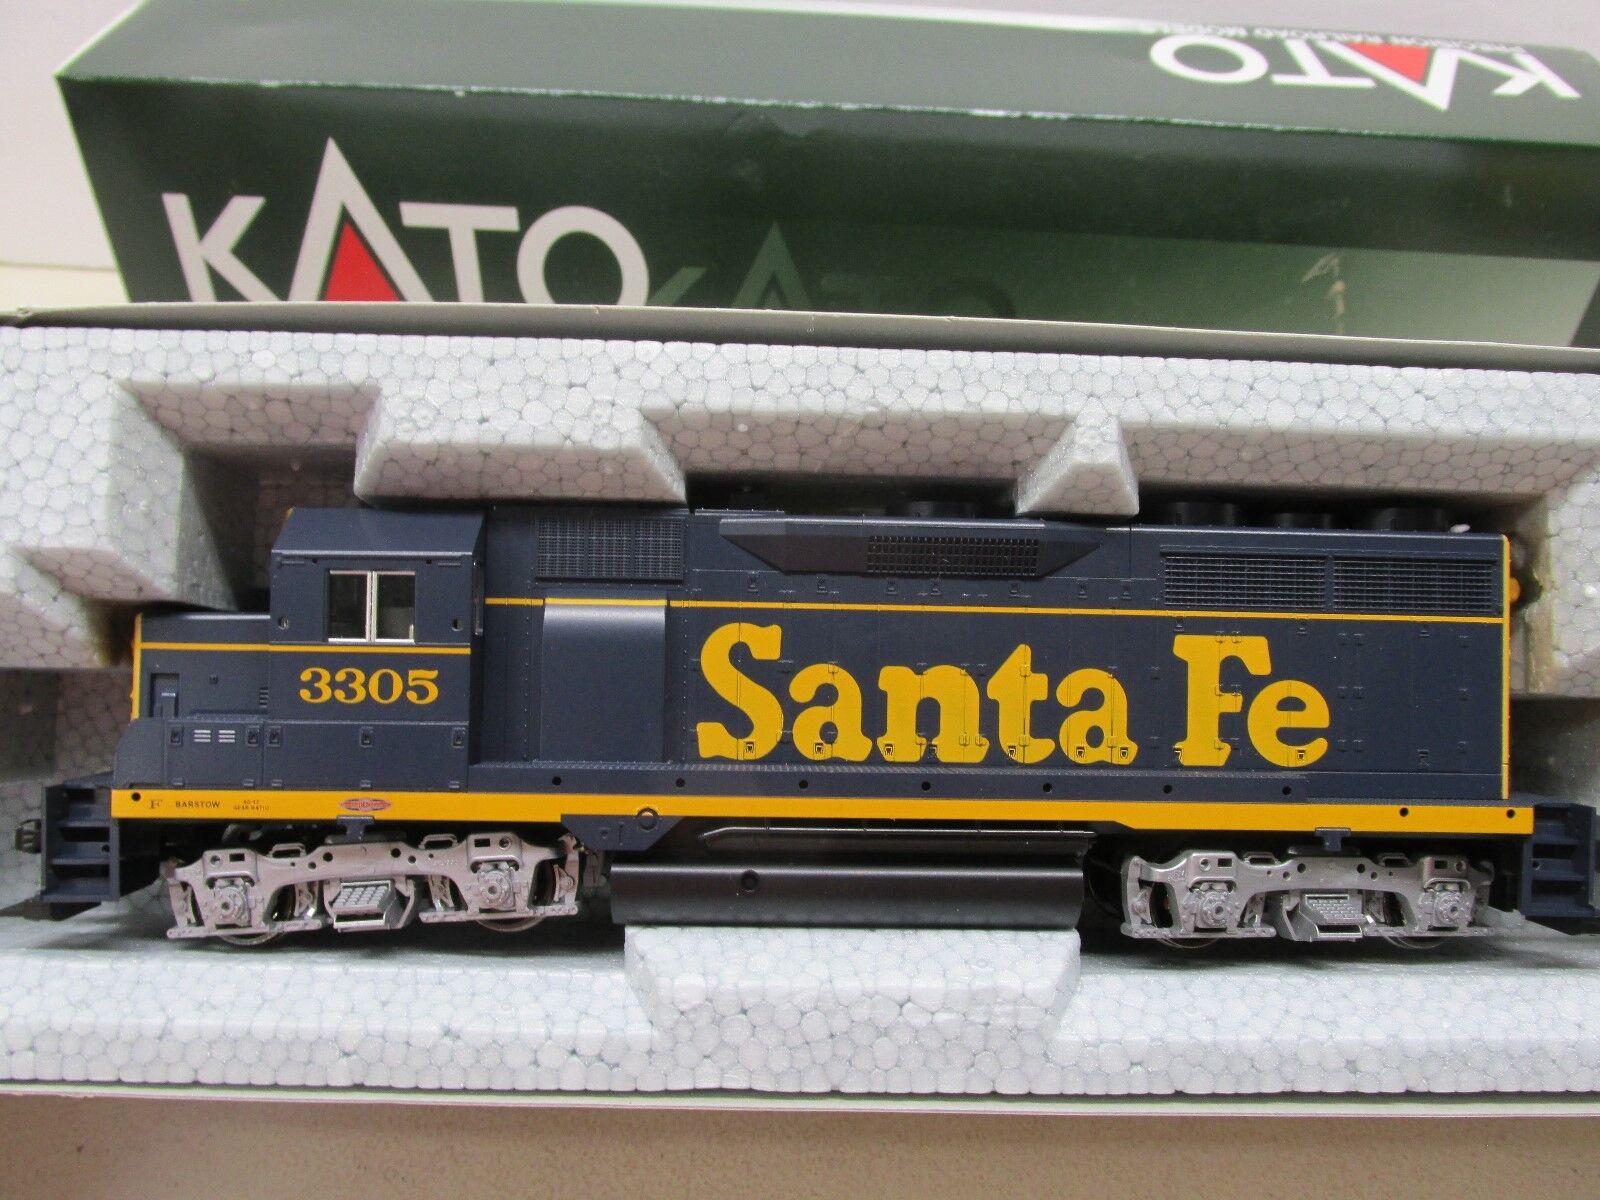 Kato   37-3022  - sf - santa fe gp35 betriebene lok   3305 - ho - skala